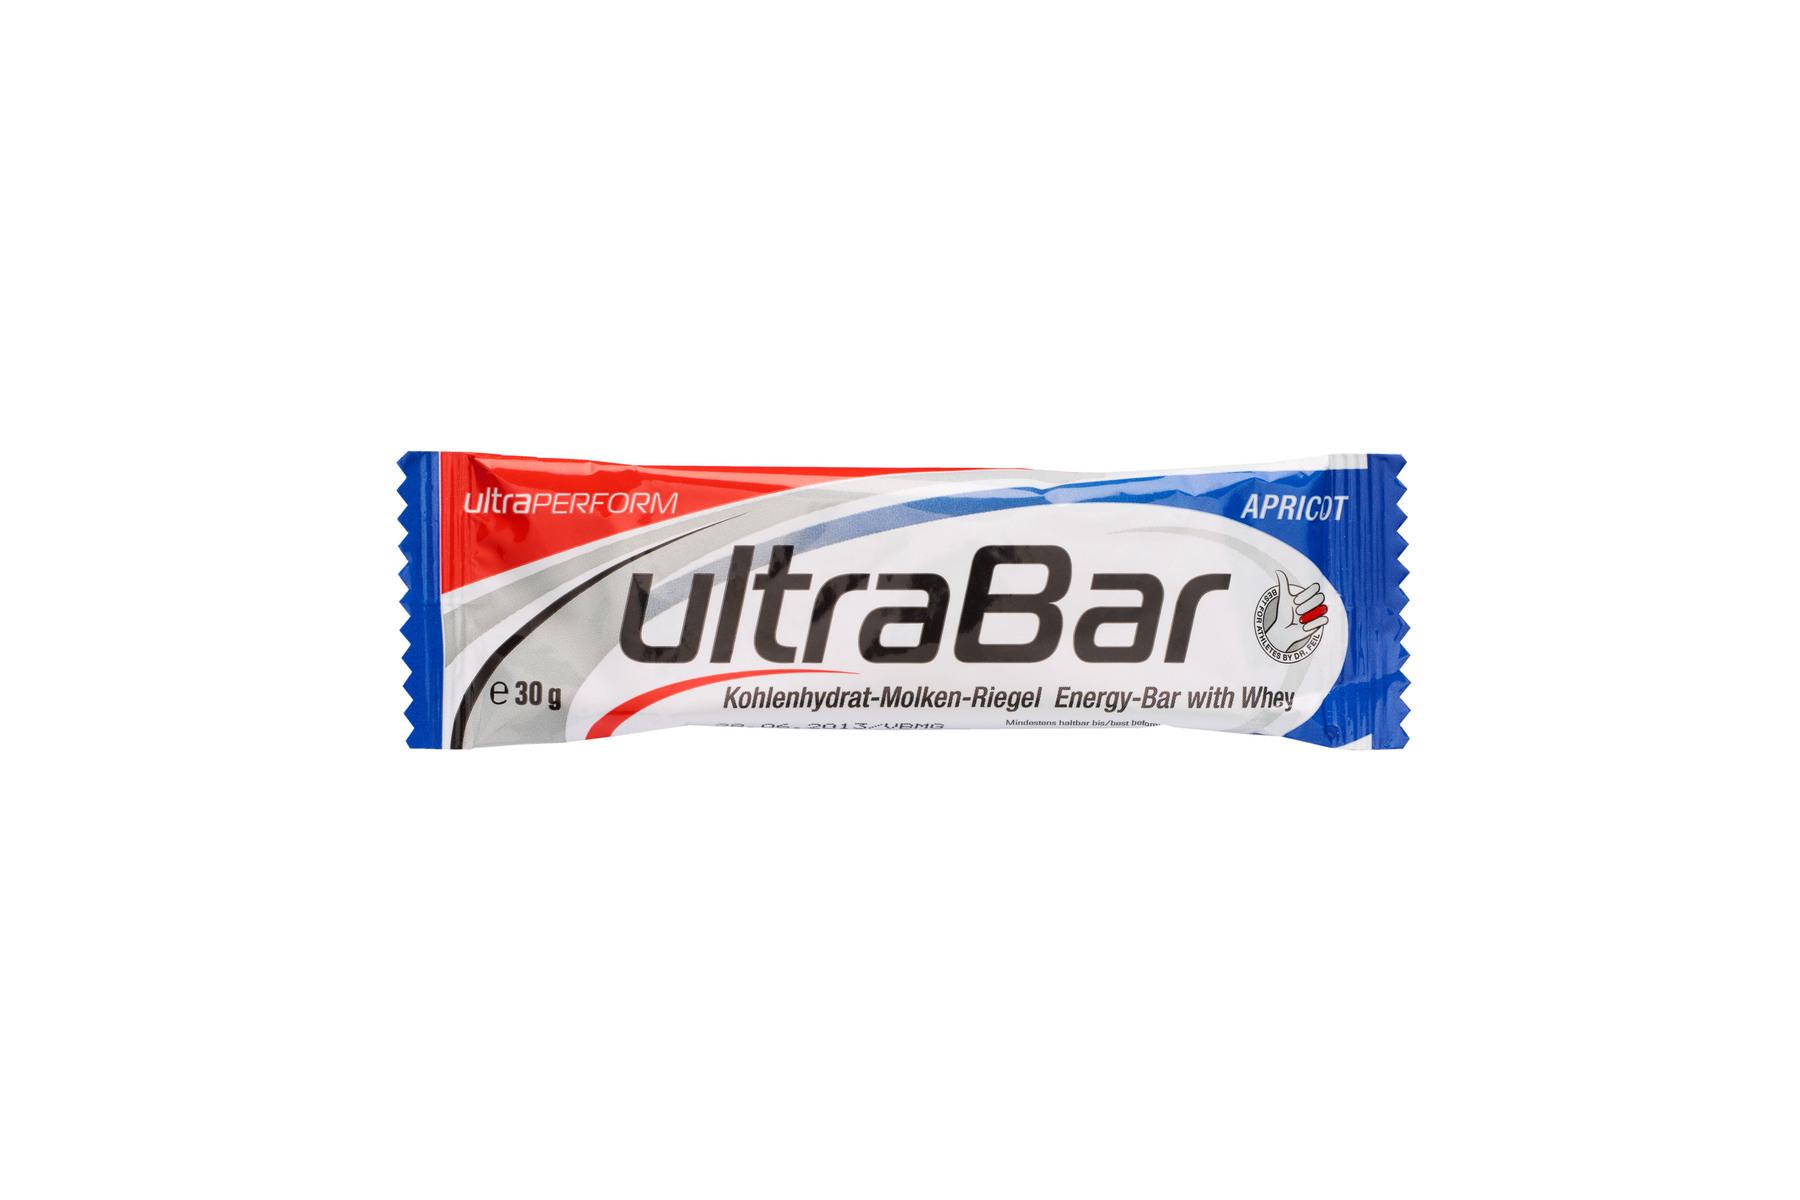 ultraSPORTS ultraBAR Kohlenhydrat Molkeneiweiß-Riegel